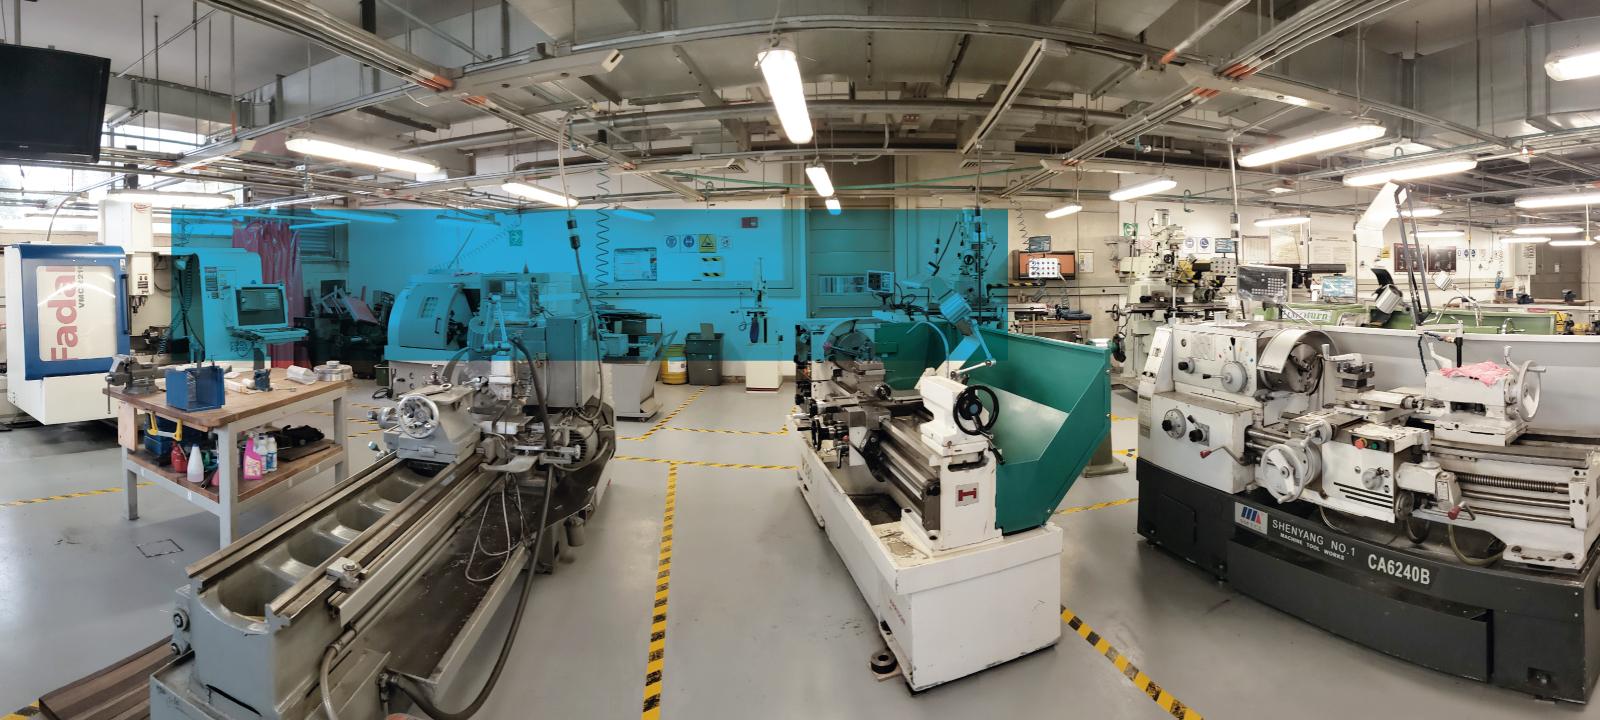 Nuestros Laboratorios | Uniandes